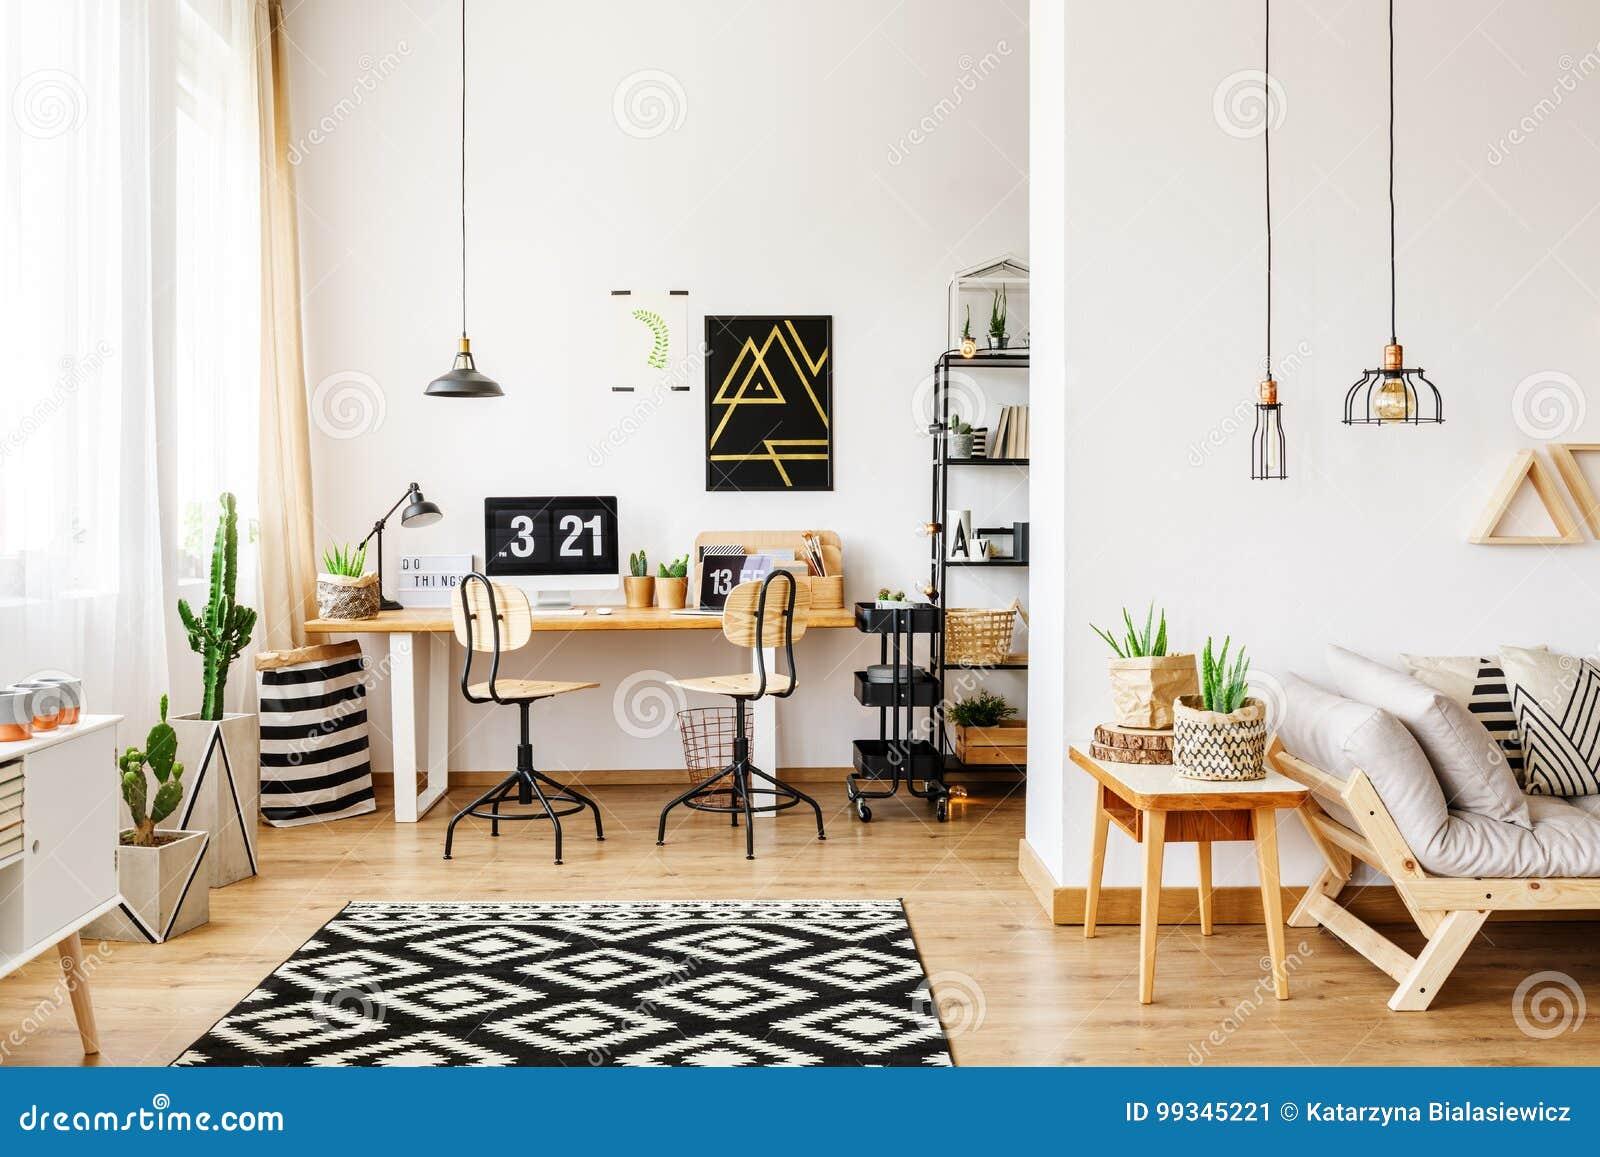 Büro Und Offenes Wohnzimmer Stockbild - Bild von frech, dachboden ...